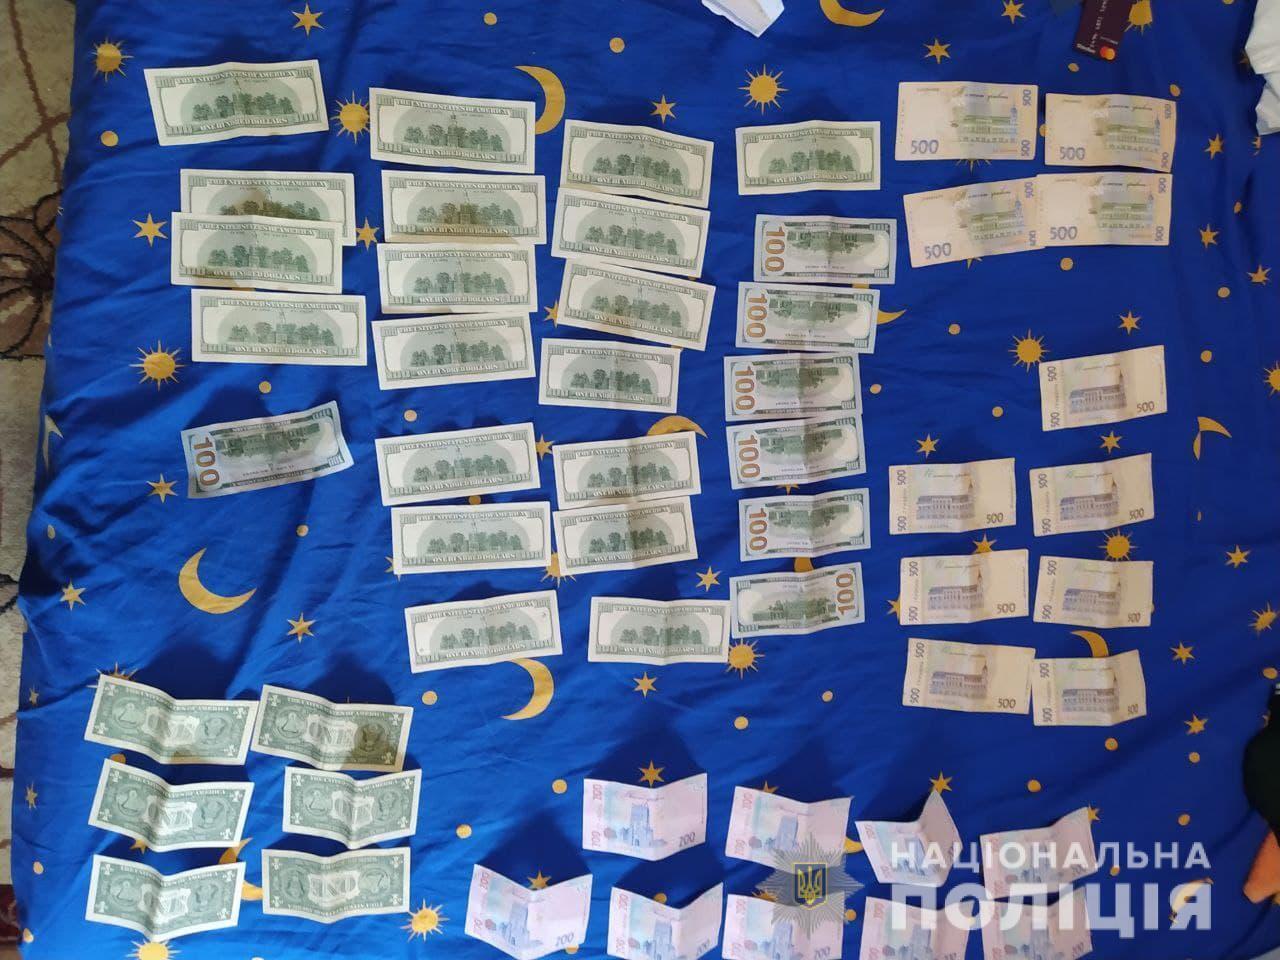 Во время обысков нашли деньги.